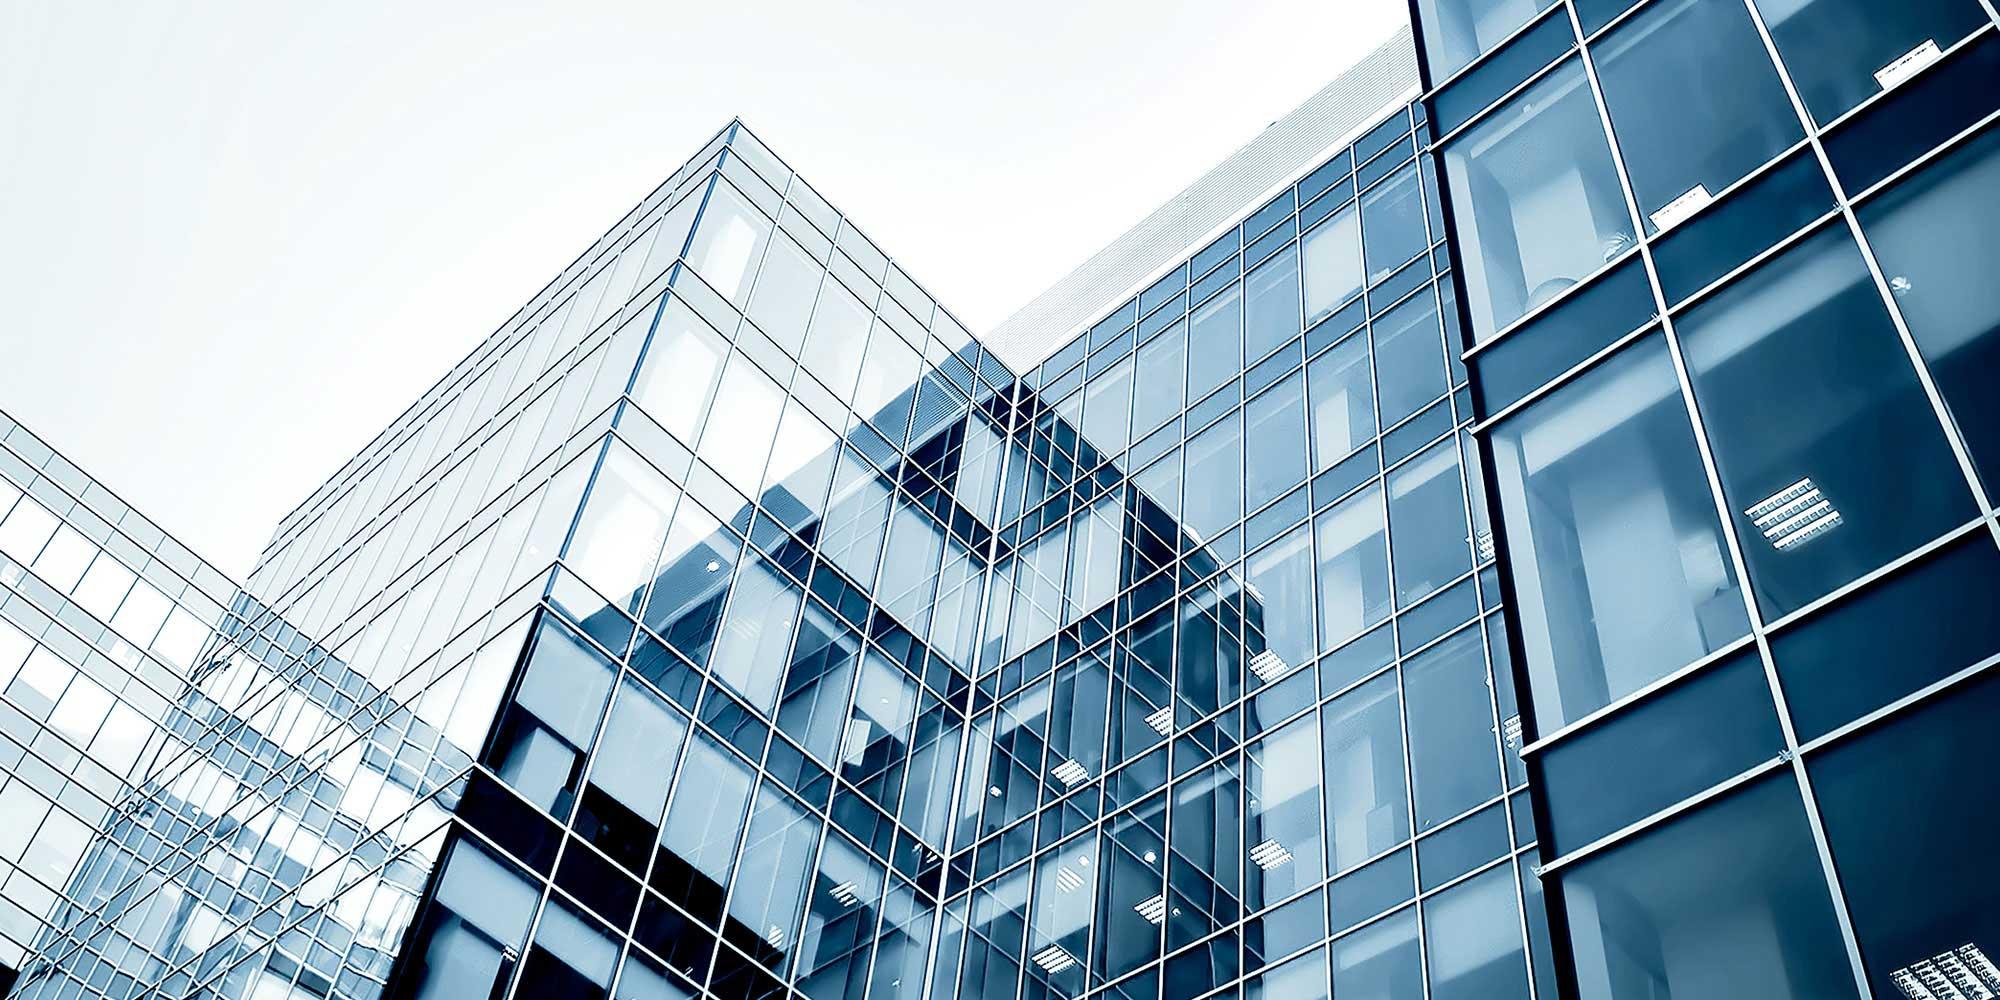 έγχρωμη εικόνα γυάλινου κτιρίου, 2000 x 1000 pixels